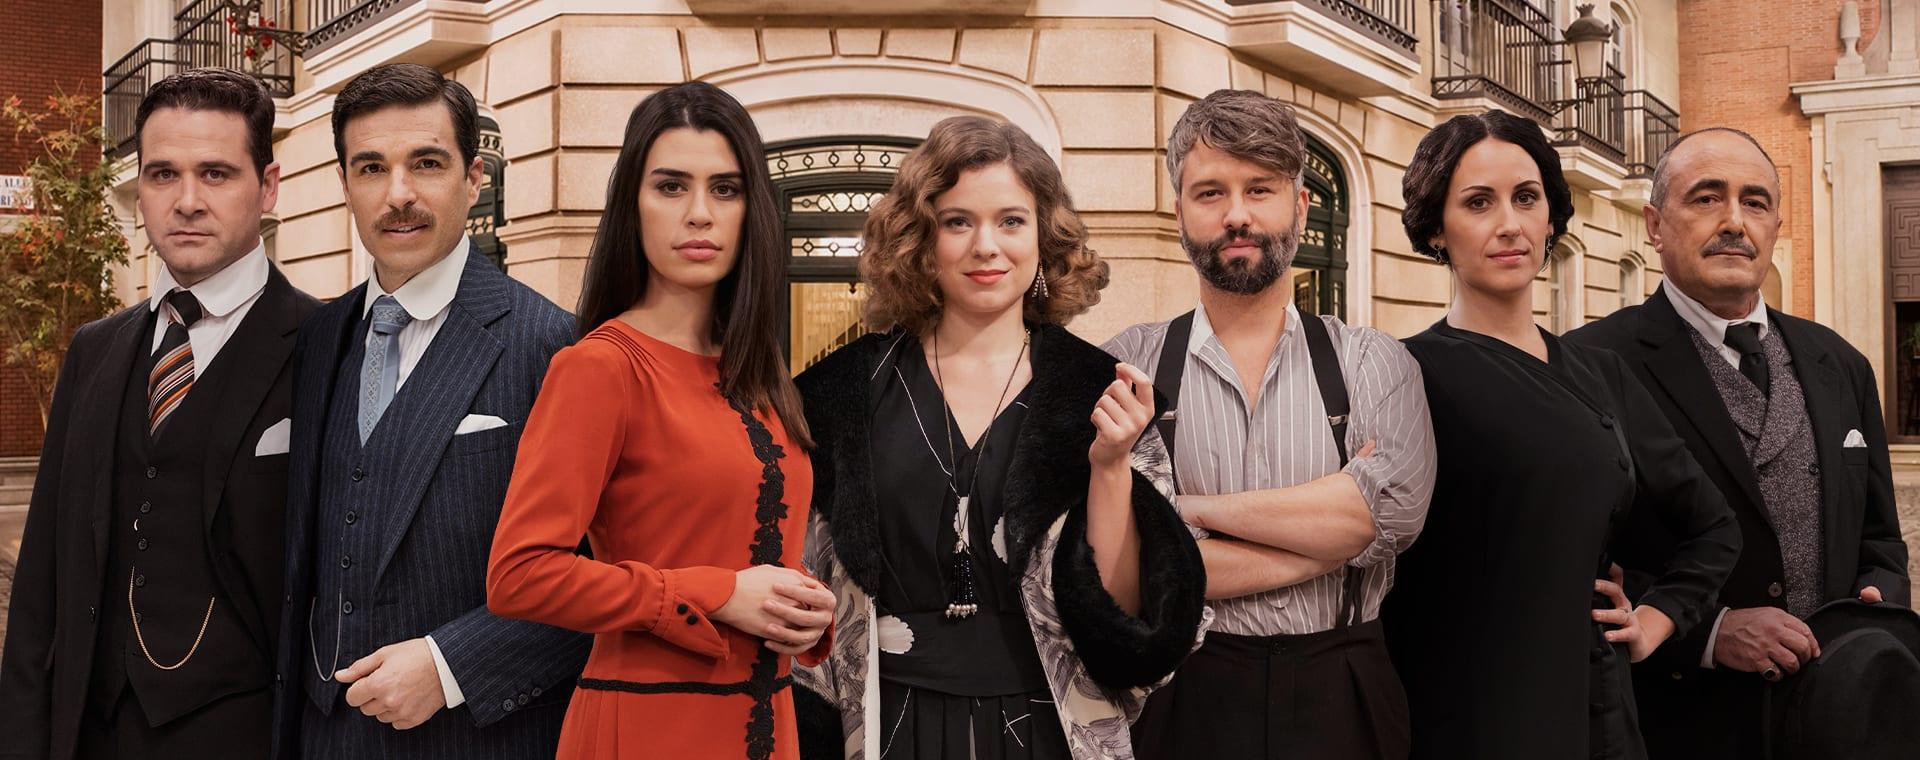 Soap & Novelas: Una Vita Acacias 38 Puntata finale. Oggi 4 maggio 2021, la soap termina con la puntata 1483, in onda alle 18:10 su La1